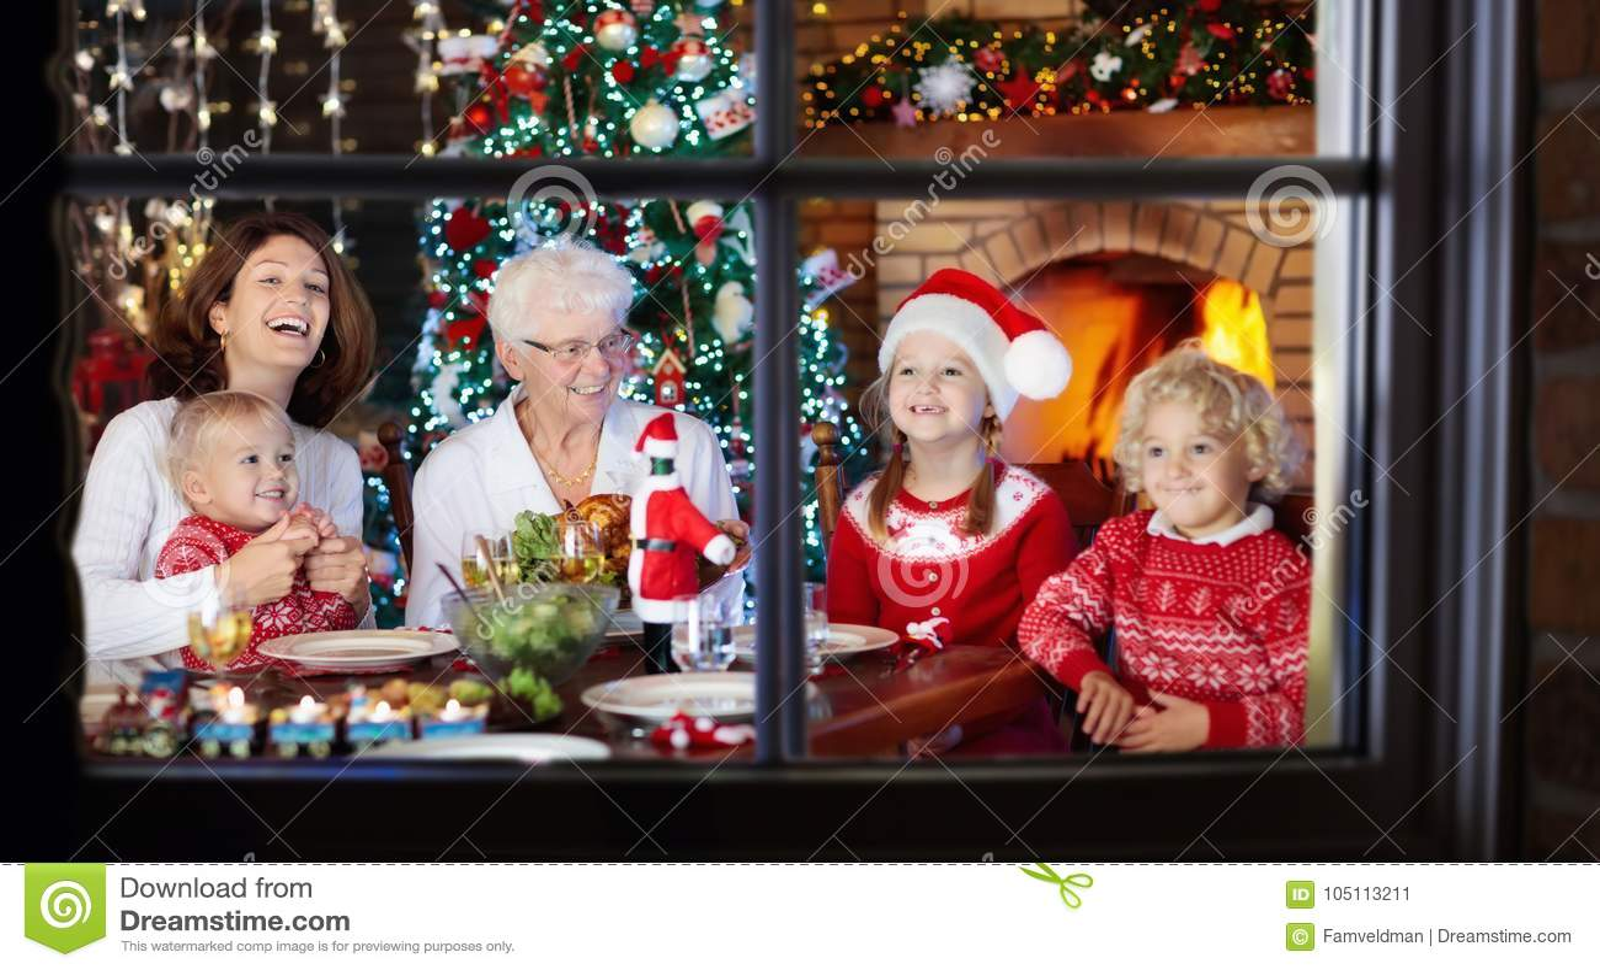 τα Χριστούγεννα διακοσμούν τις φρέσκες βασικές ιδέες γευμάτων Οικογένεια με τα παιδιά στο χριστουγεννιάτικο δέντρο